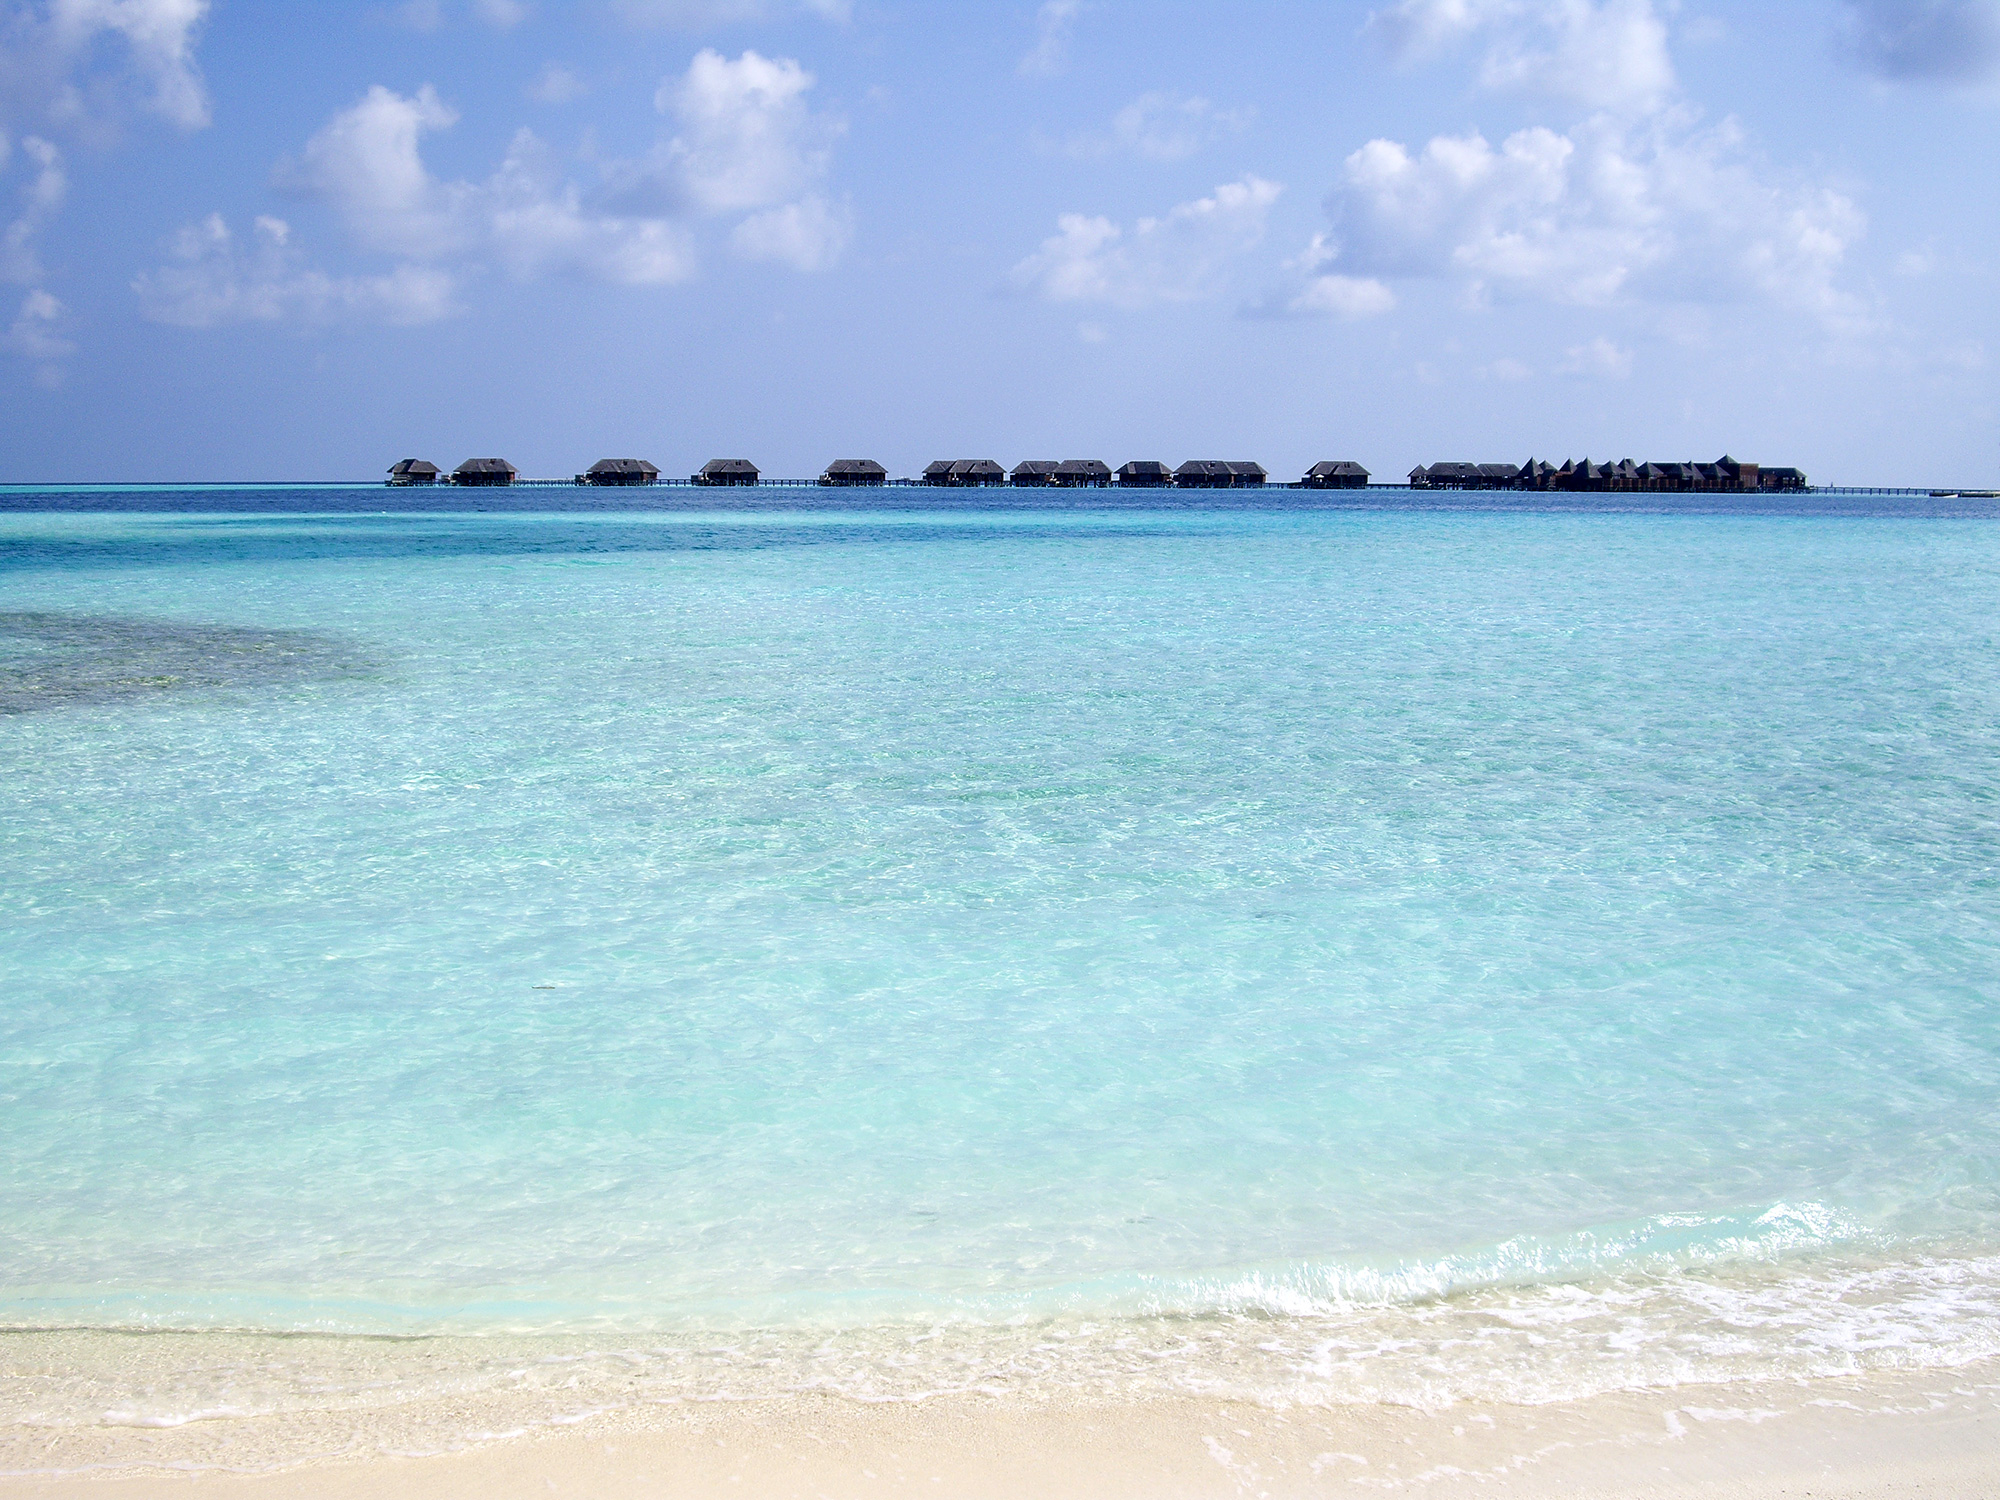 水上コテージが浮かぶリゾートの海の写真素材